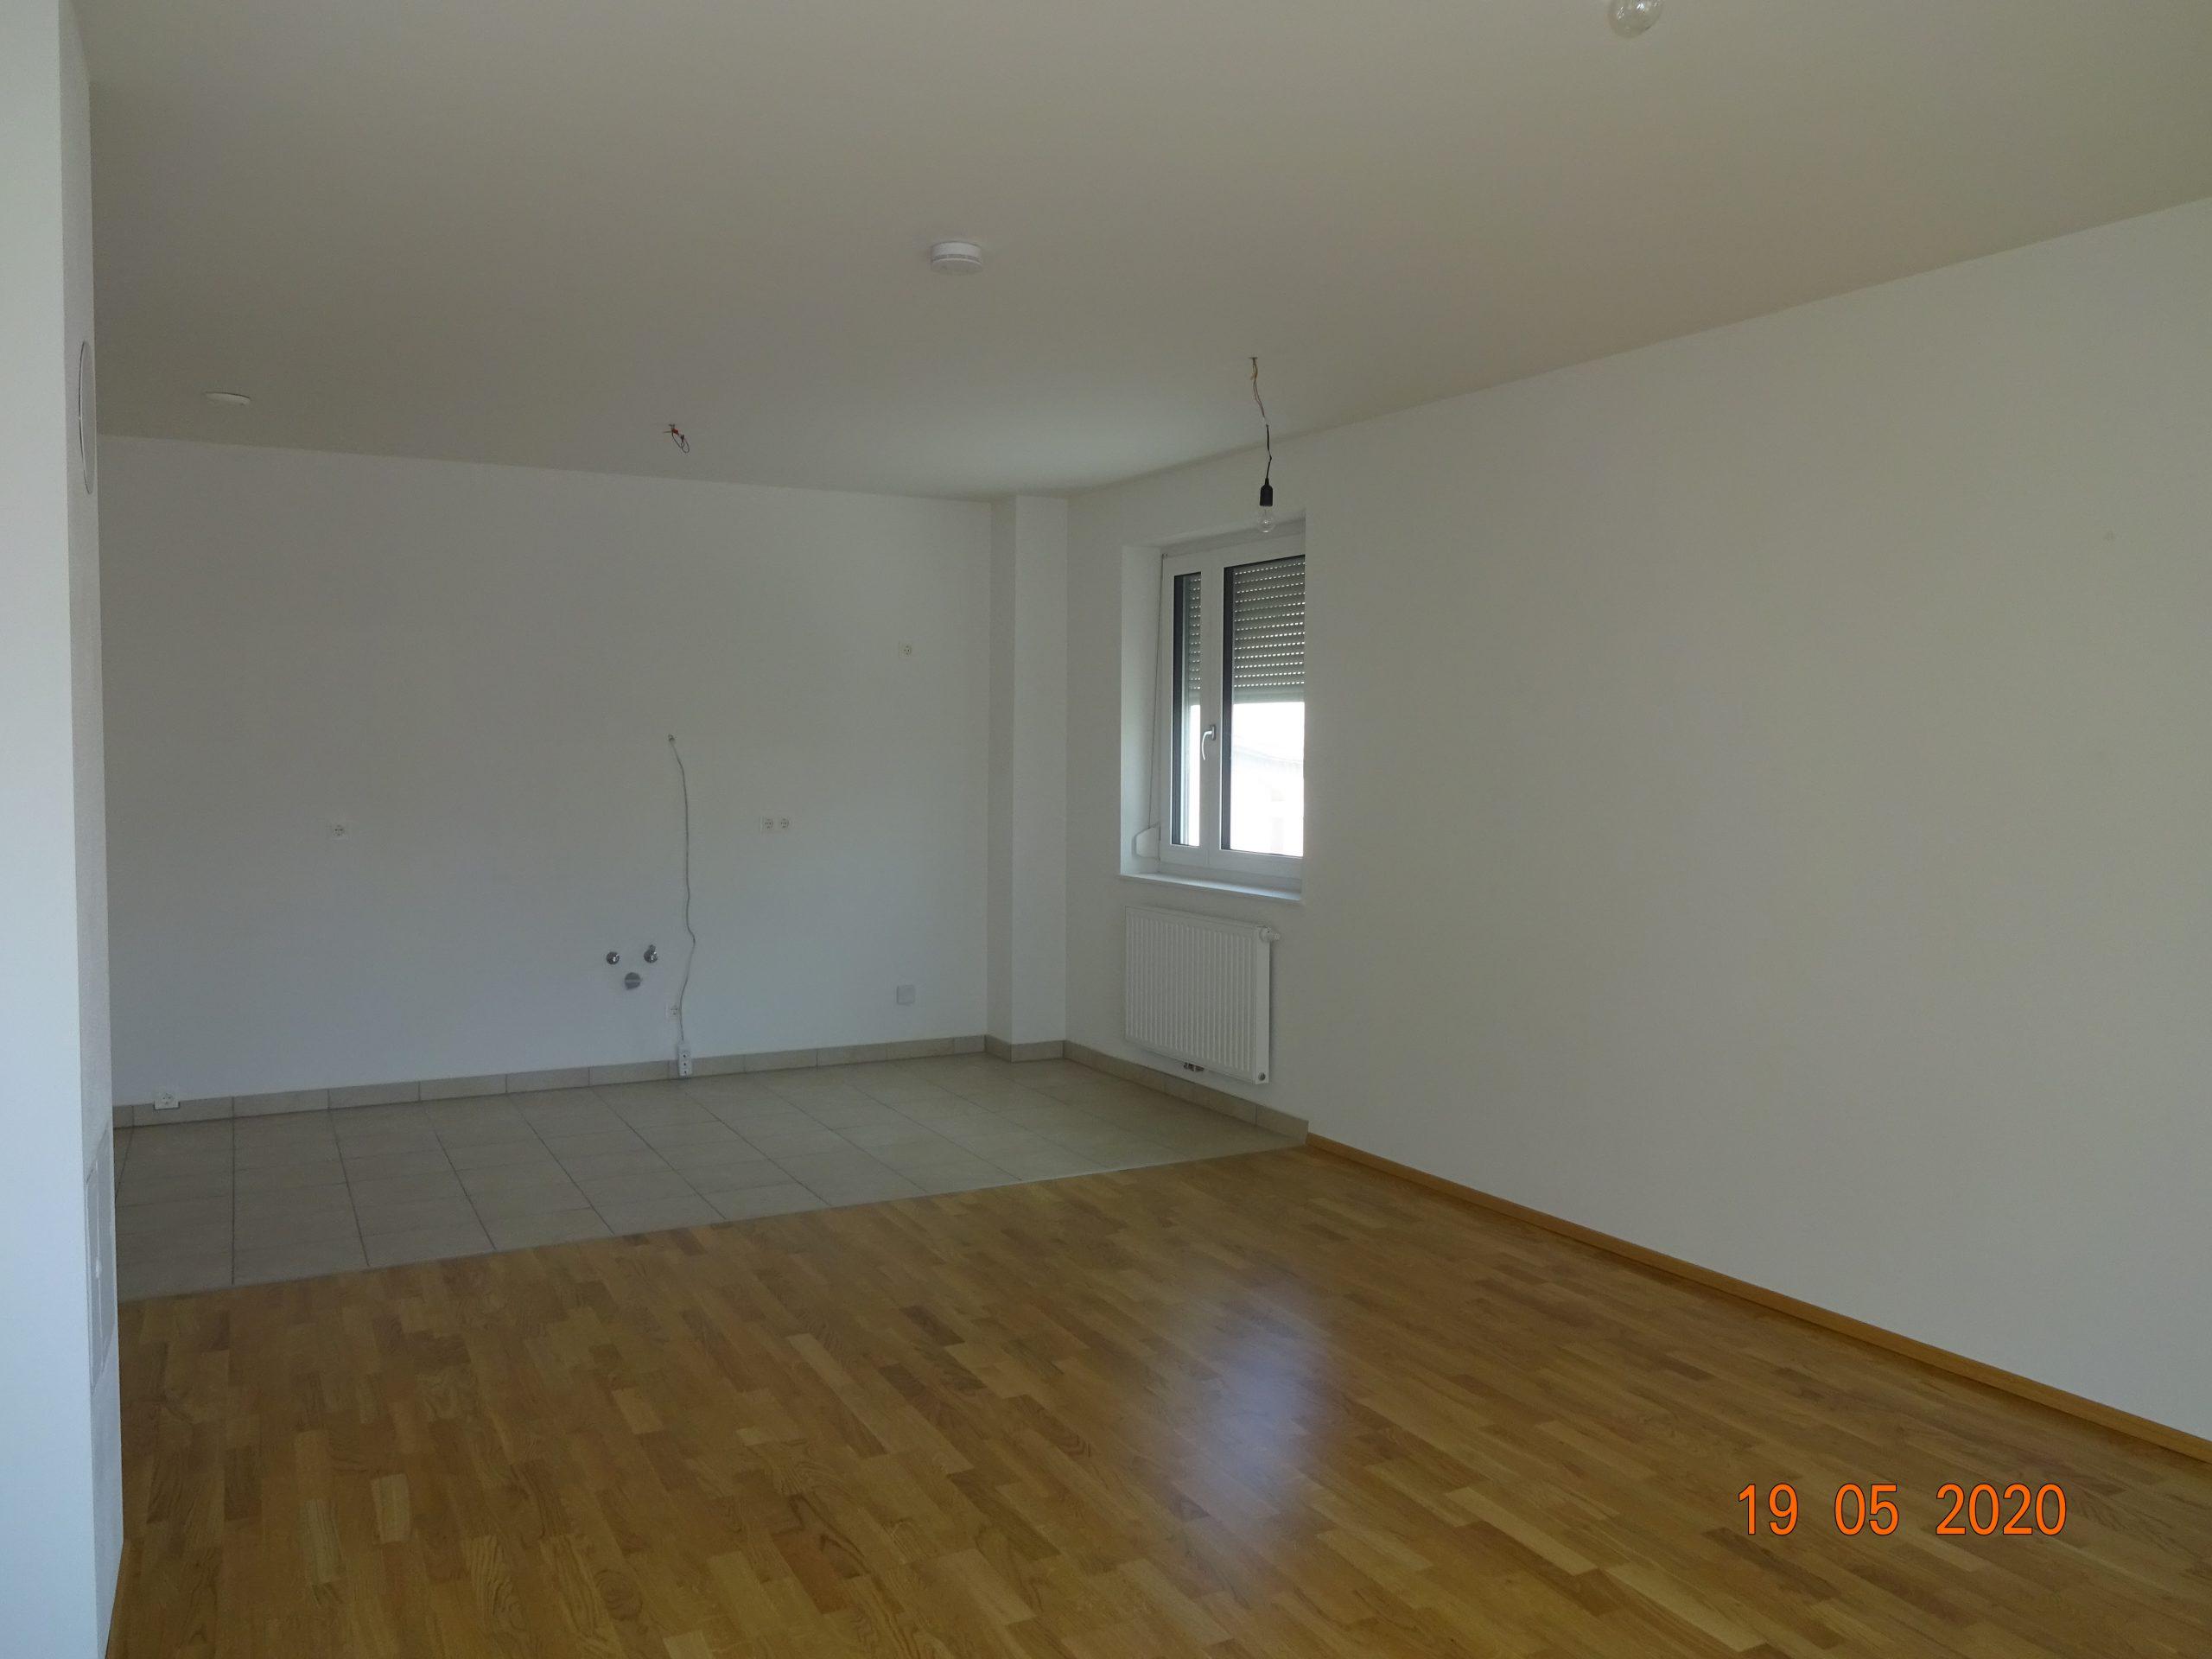 Immobilie von Kamptal in 3920 Groß Gerungs, Zwettl, Gr. Gerungs IV/1 - Top 104 #4